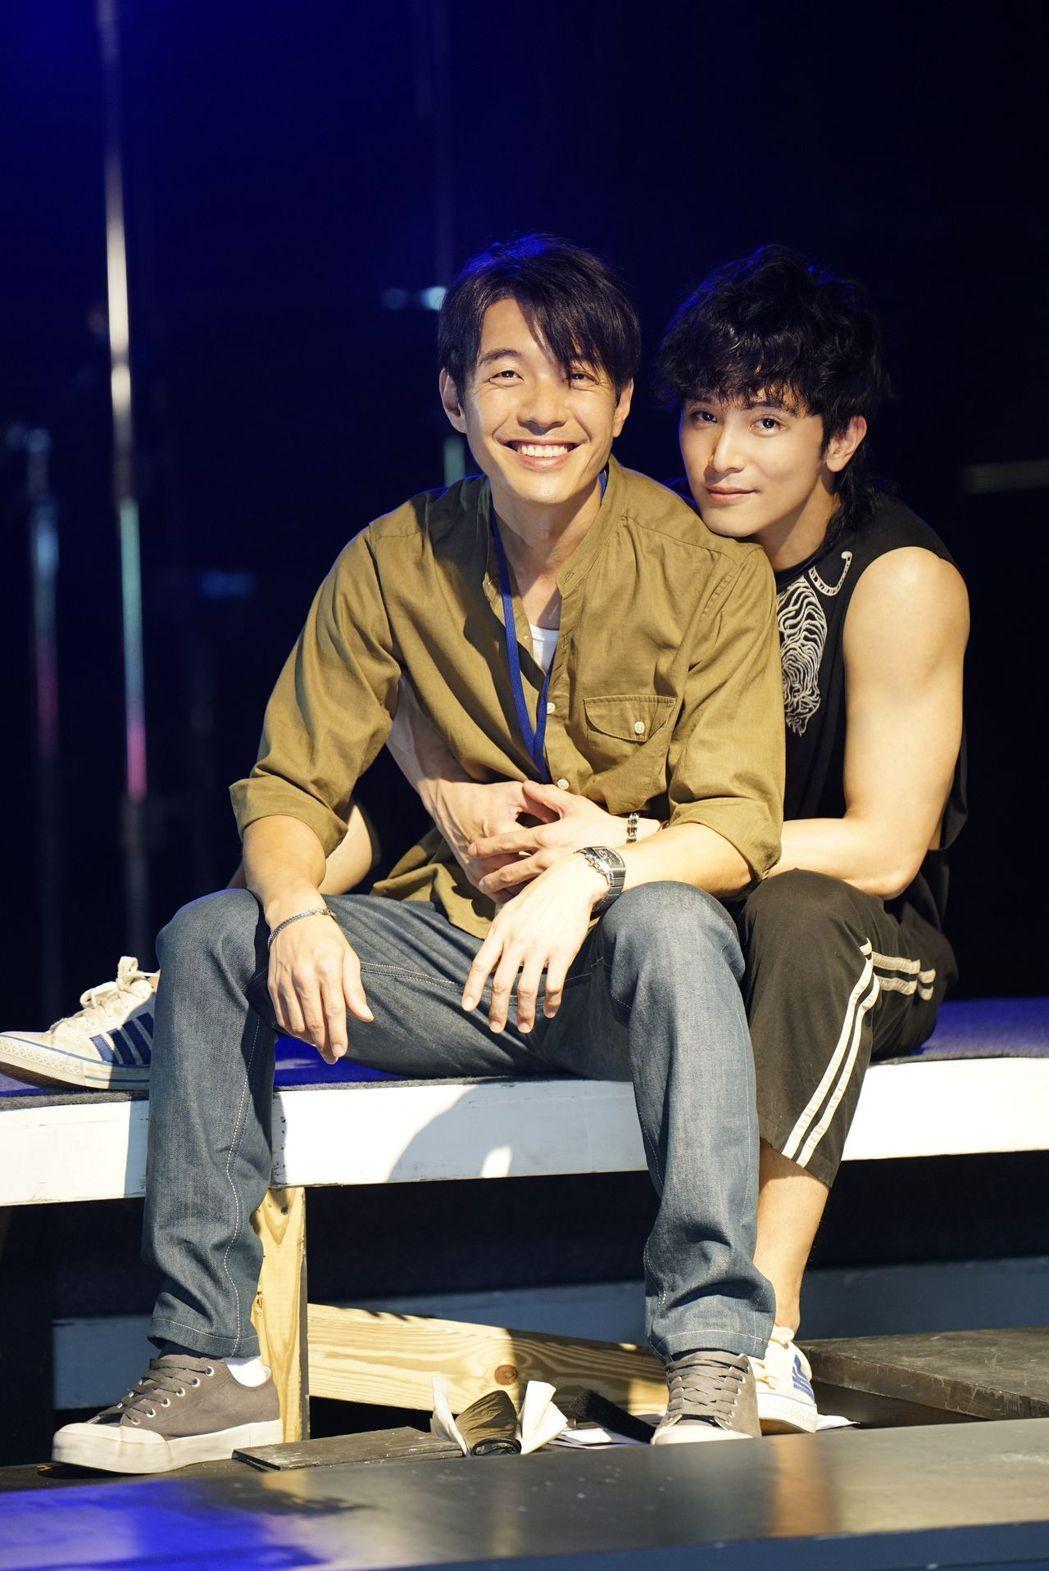 邱澤(右)、四分衛樂團主唱陳如山(左)合演的同志愛情電影「我們都愛他!」獲得文化